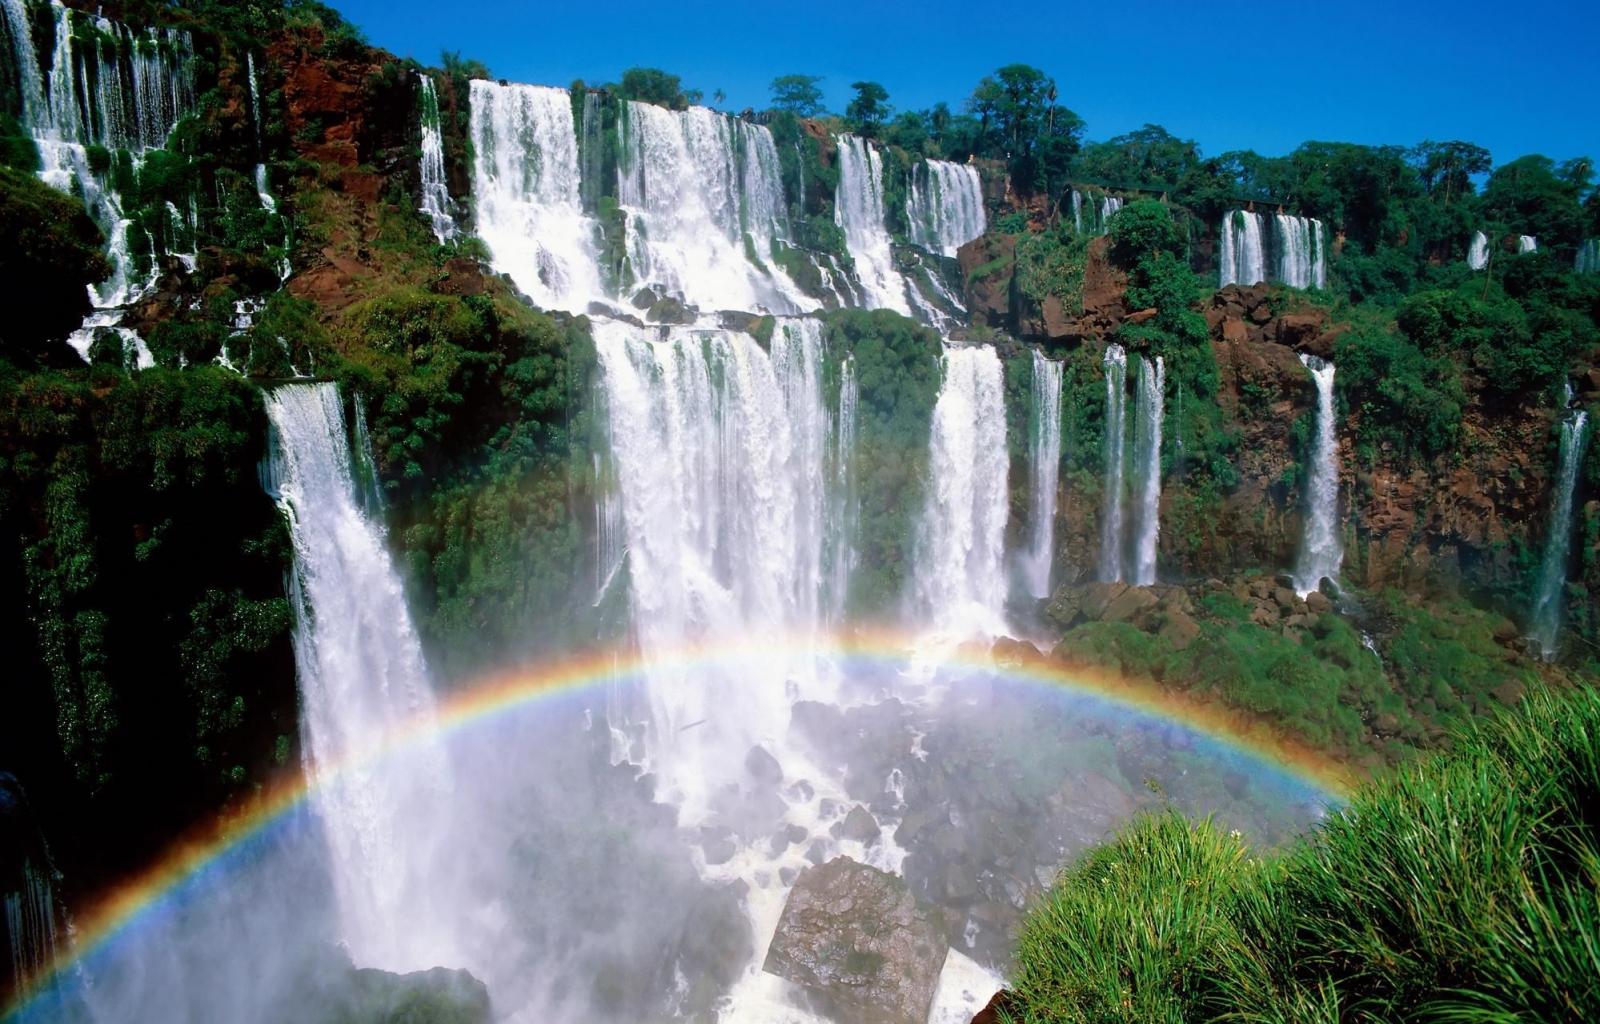 38015 Hintergrundbild herunterladen Wasserfälle, Landschaft, Regenbogen - Bildschirmschoner und Bilder kostenlos